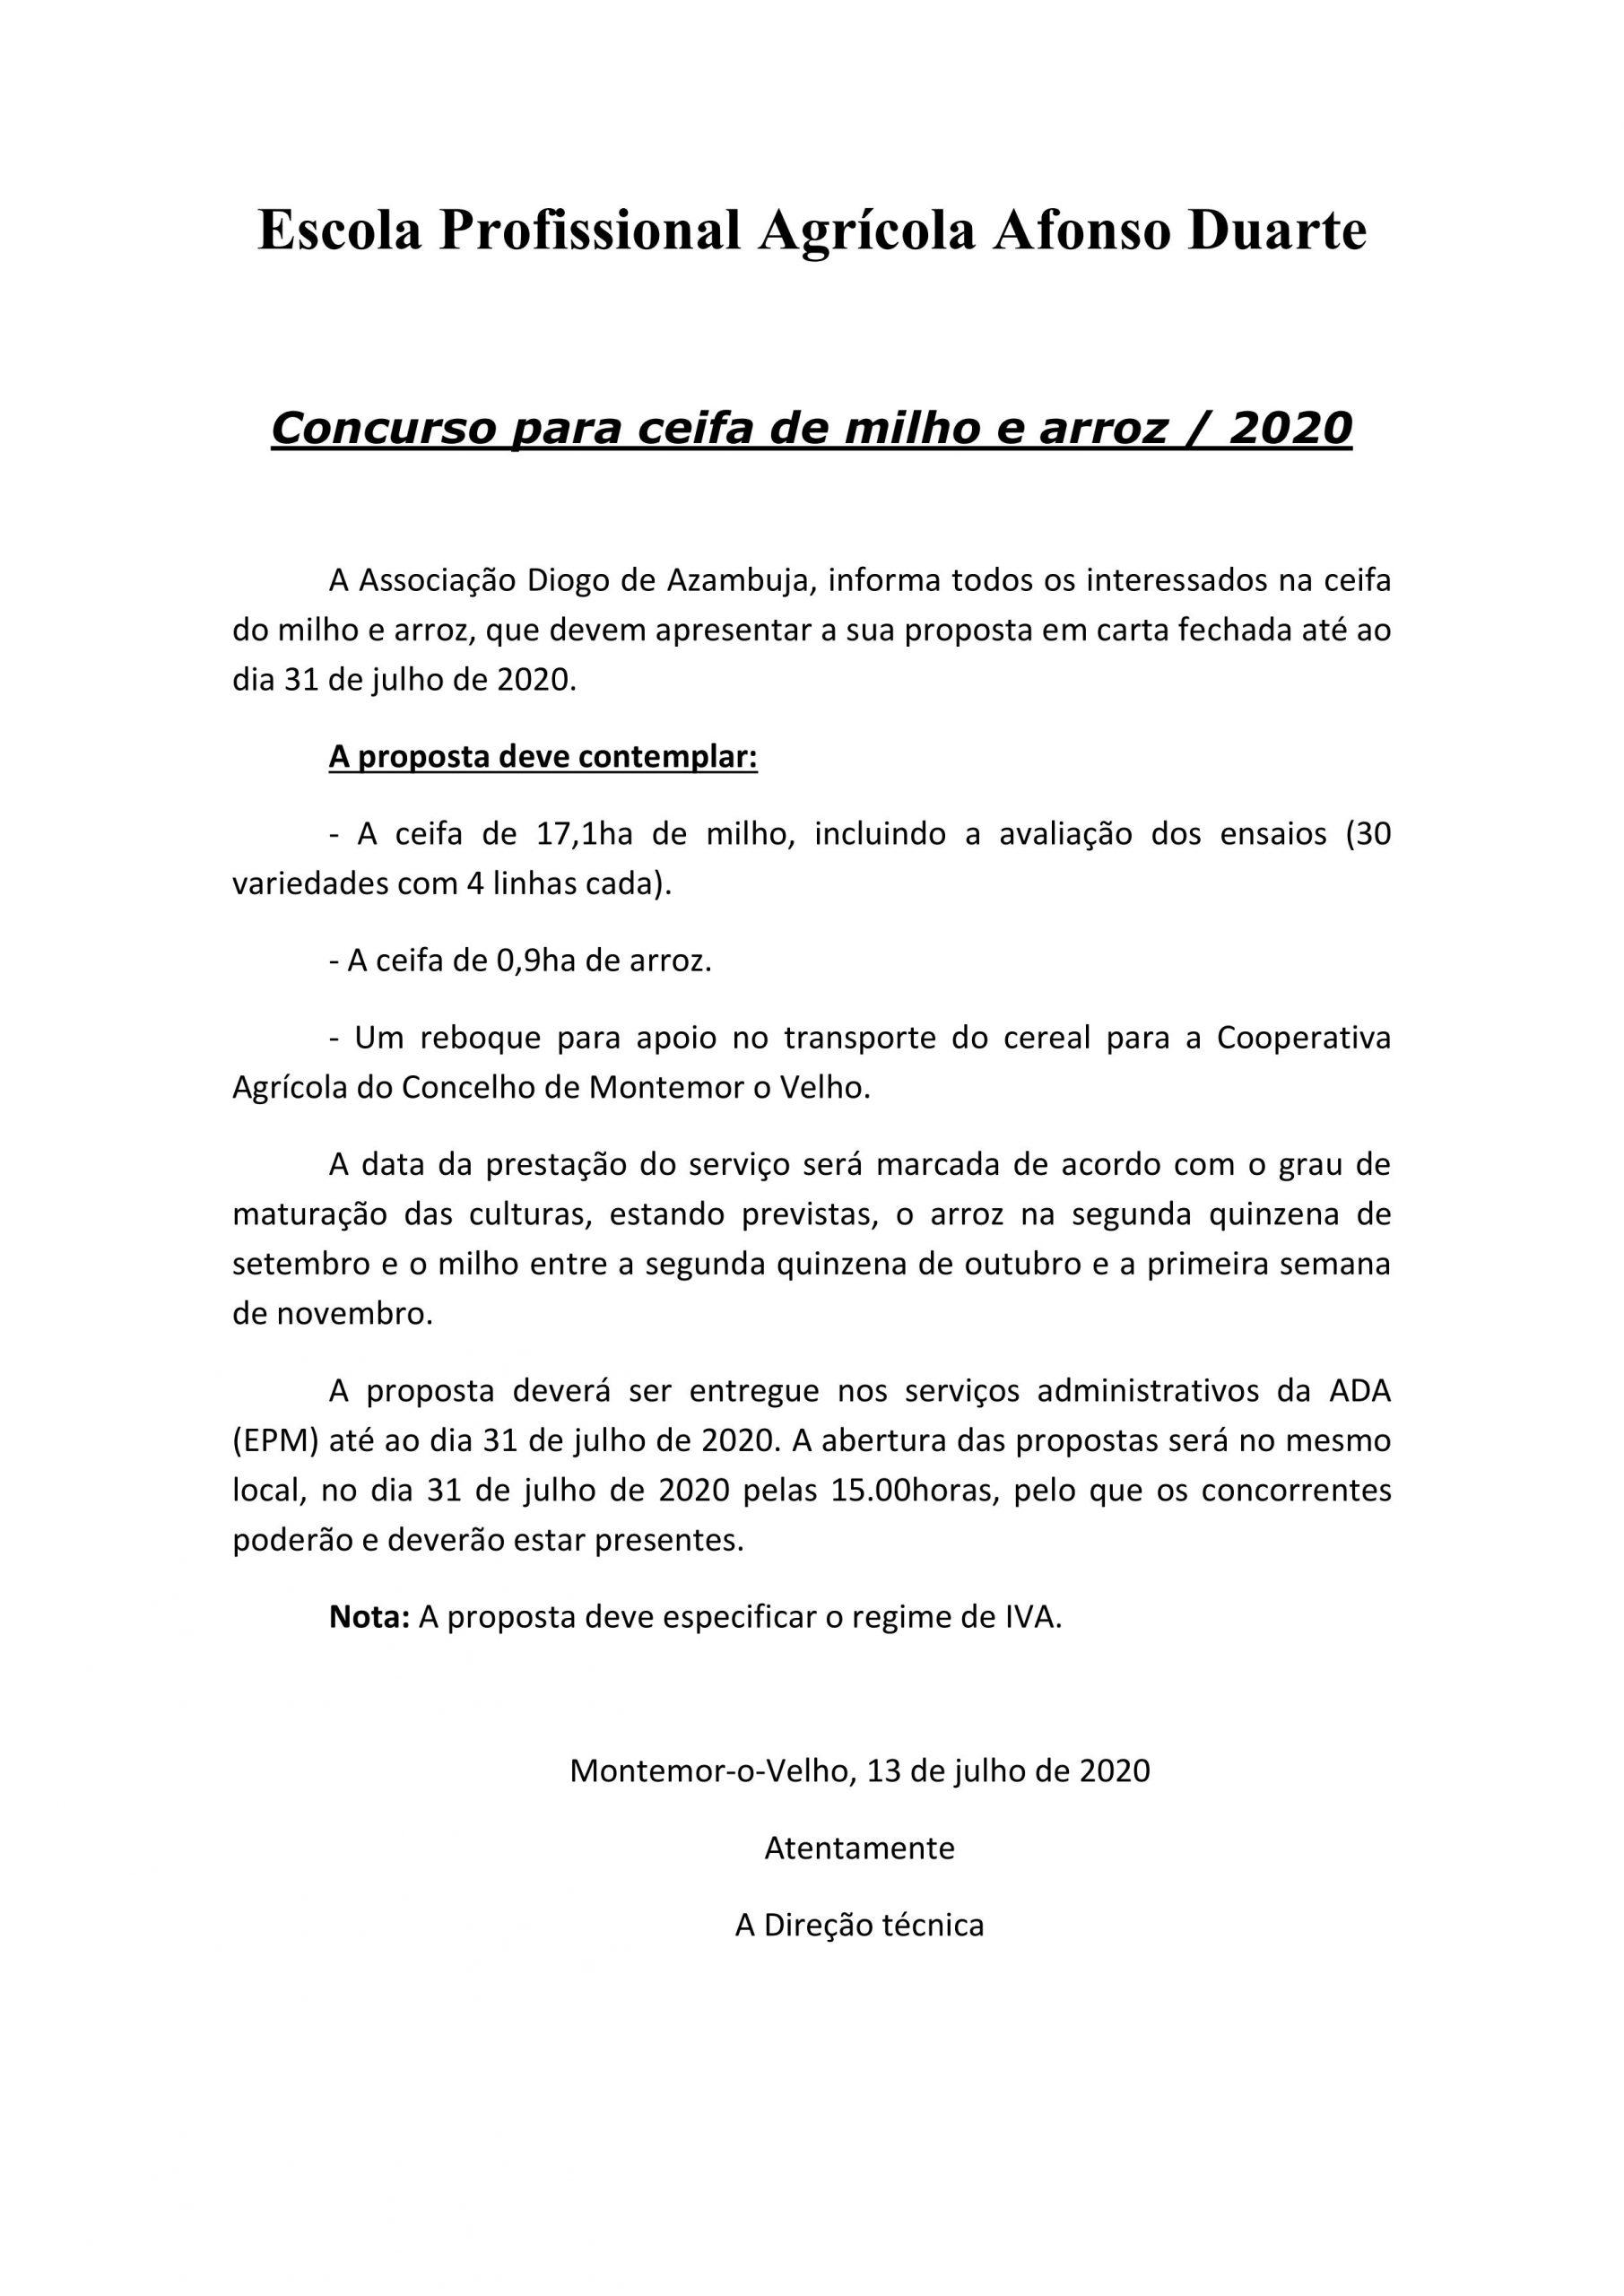 Concurso para ceifa de milho e arroz 20201